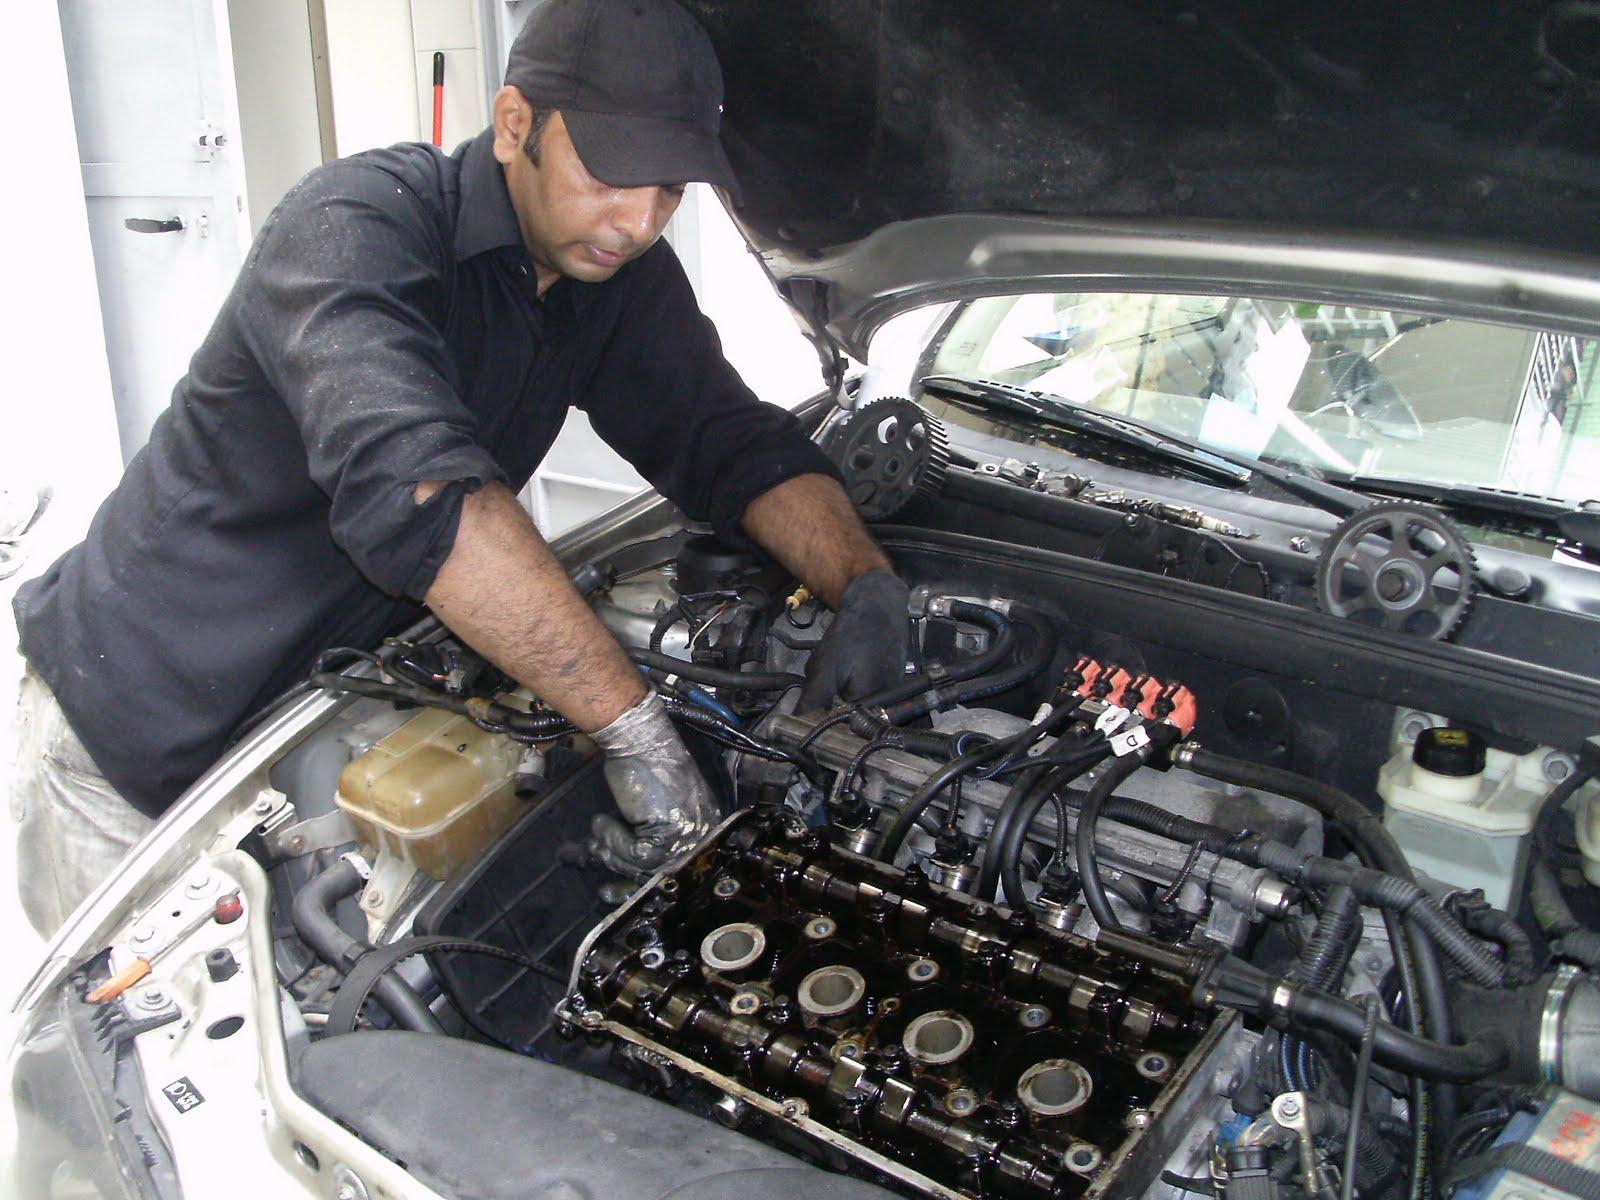 auto mechanic: mechanical engineering